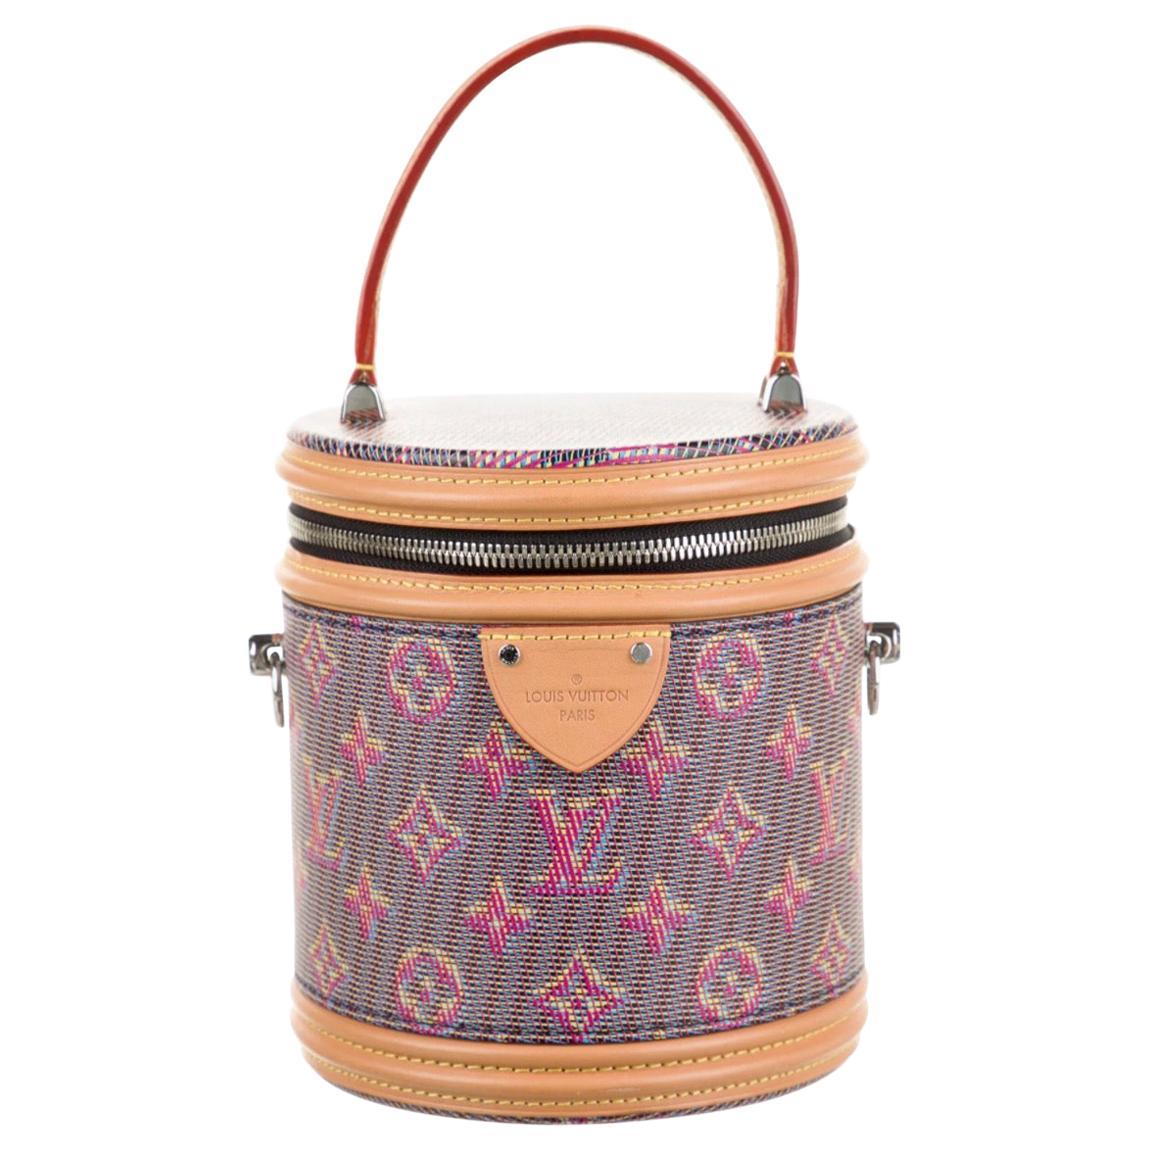 Louis Vuitton Pink Blue Cognac Monogram Leather Top Handle Satchel Shoulder Bag